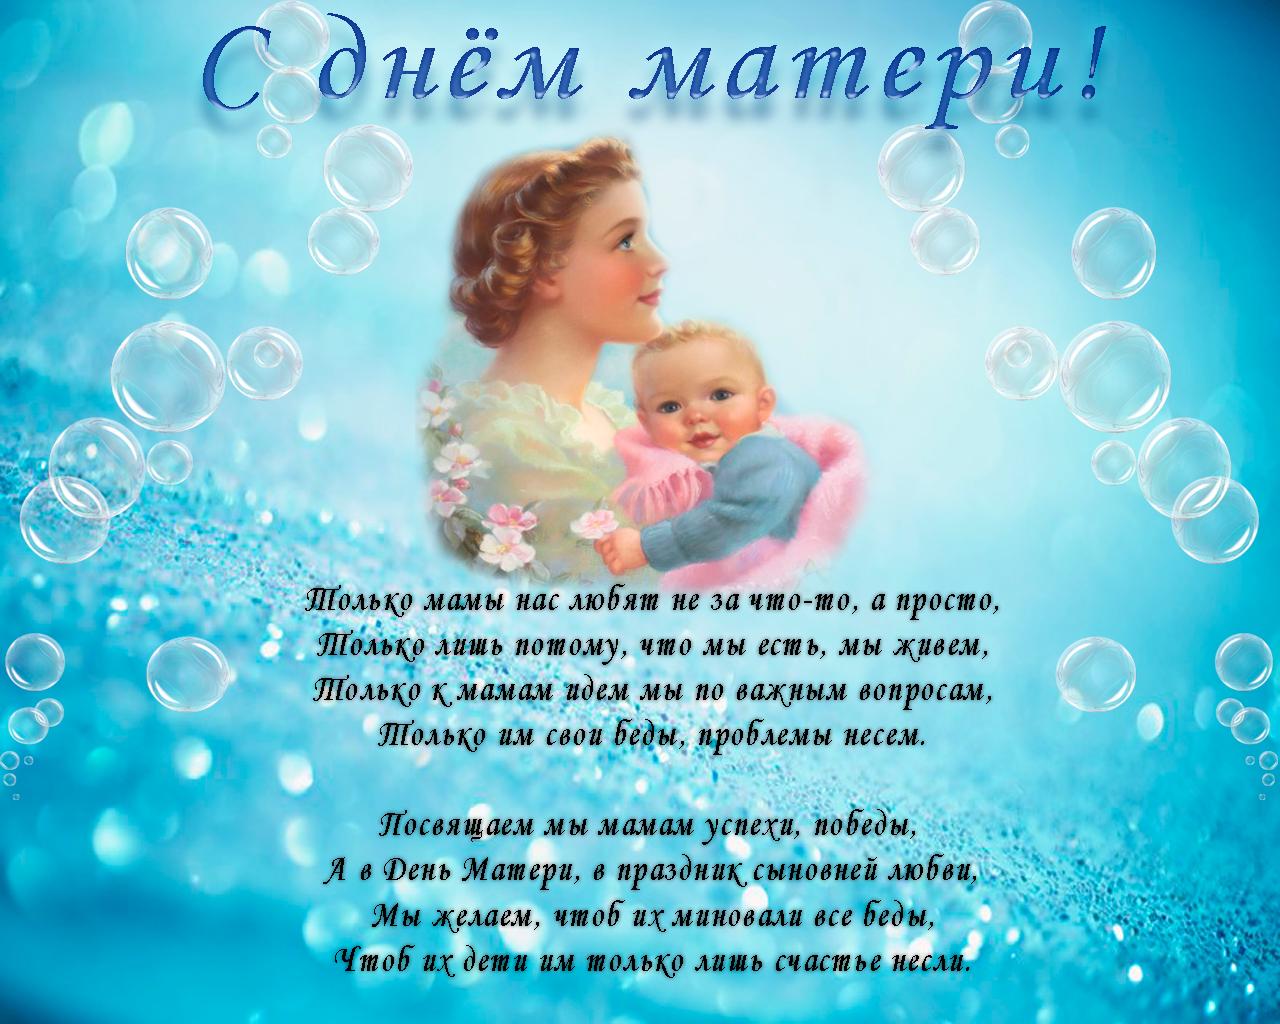 Поздравление бабушке с юбилеем 80 лет от детей и внуков